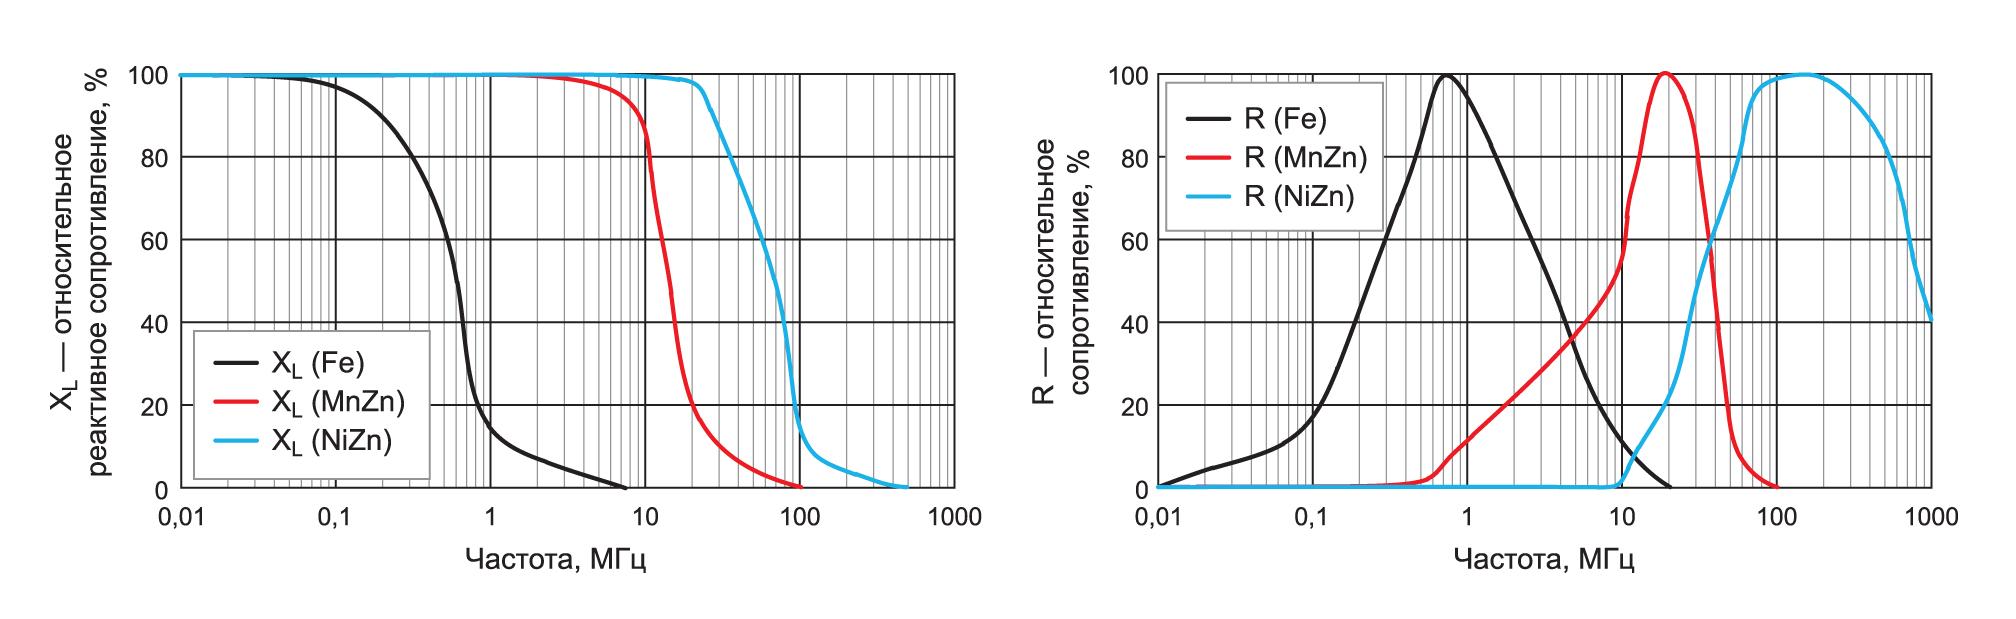 Резистивные и индуктивные характеристики широко используемых основных материалов — порошкового железа, марганец-цинкового (MnZn) и никель-цинкового (NiZn) ферритов